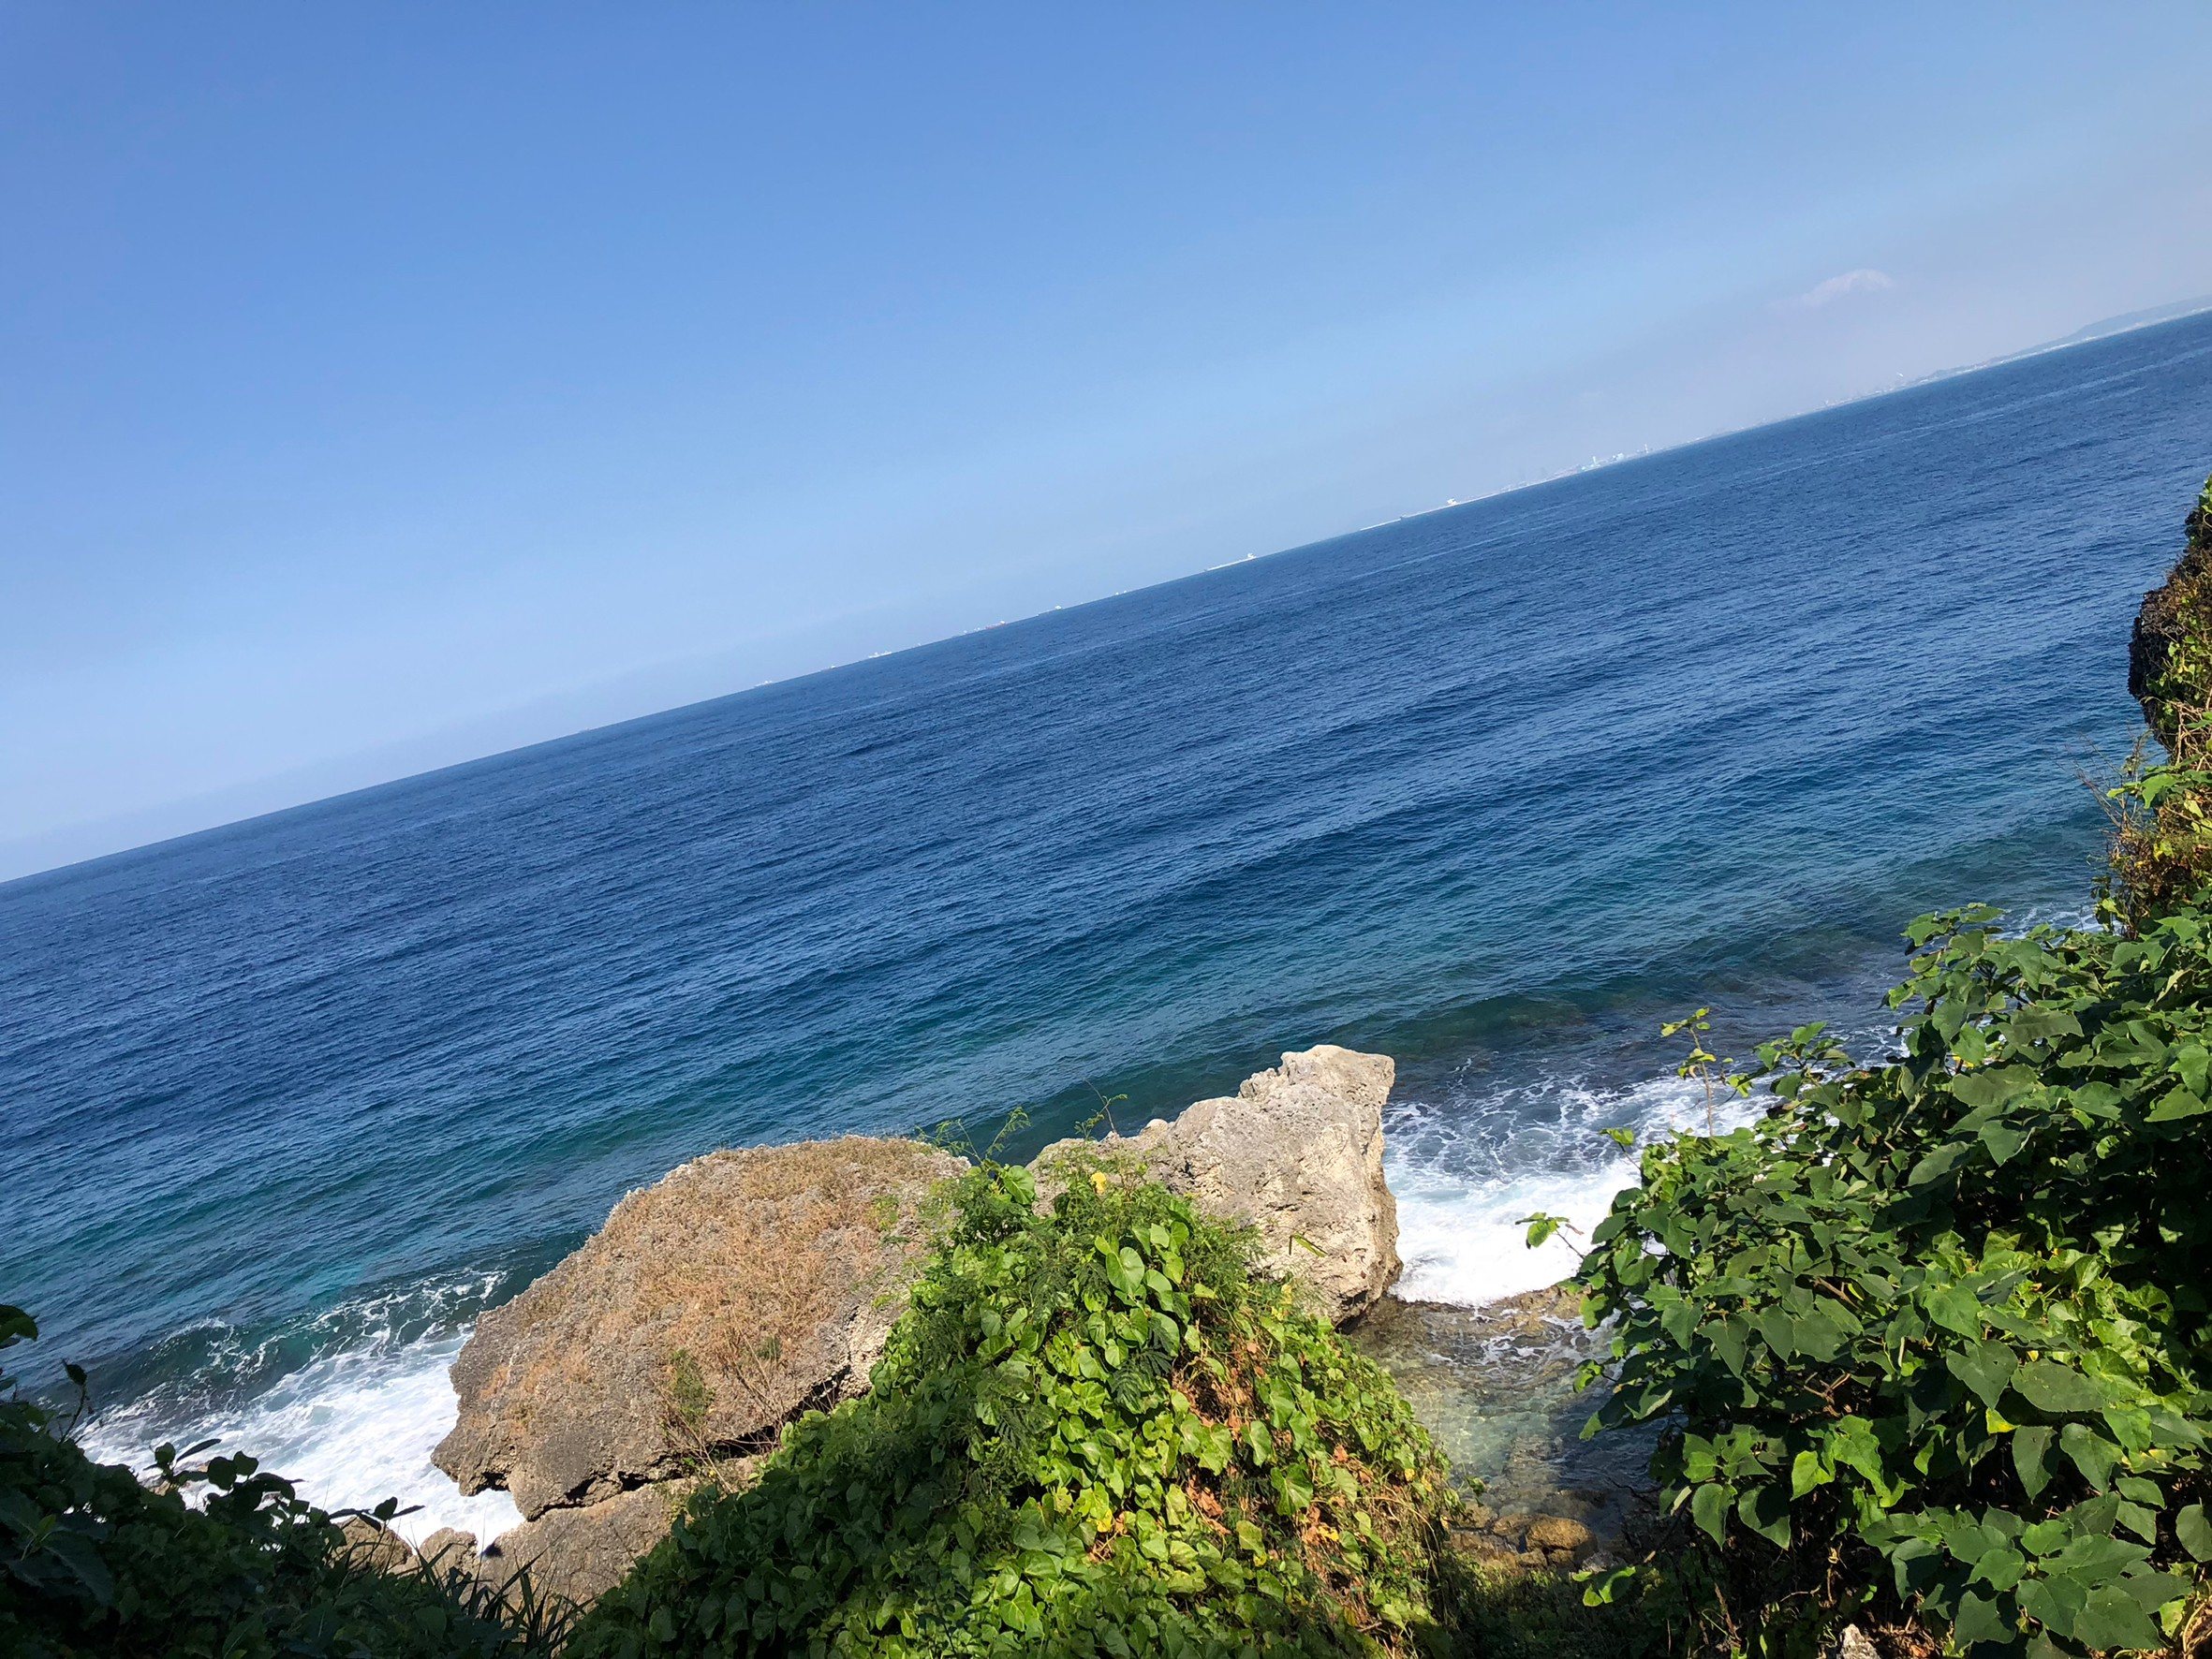 ▲小琉球擁有原始的自然景觀,讓梁以辰直呼有種遠離塵囂的舒暢感。